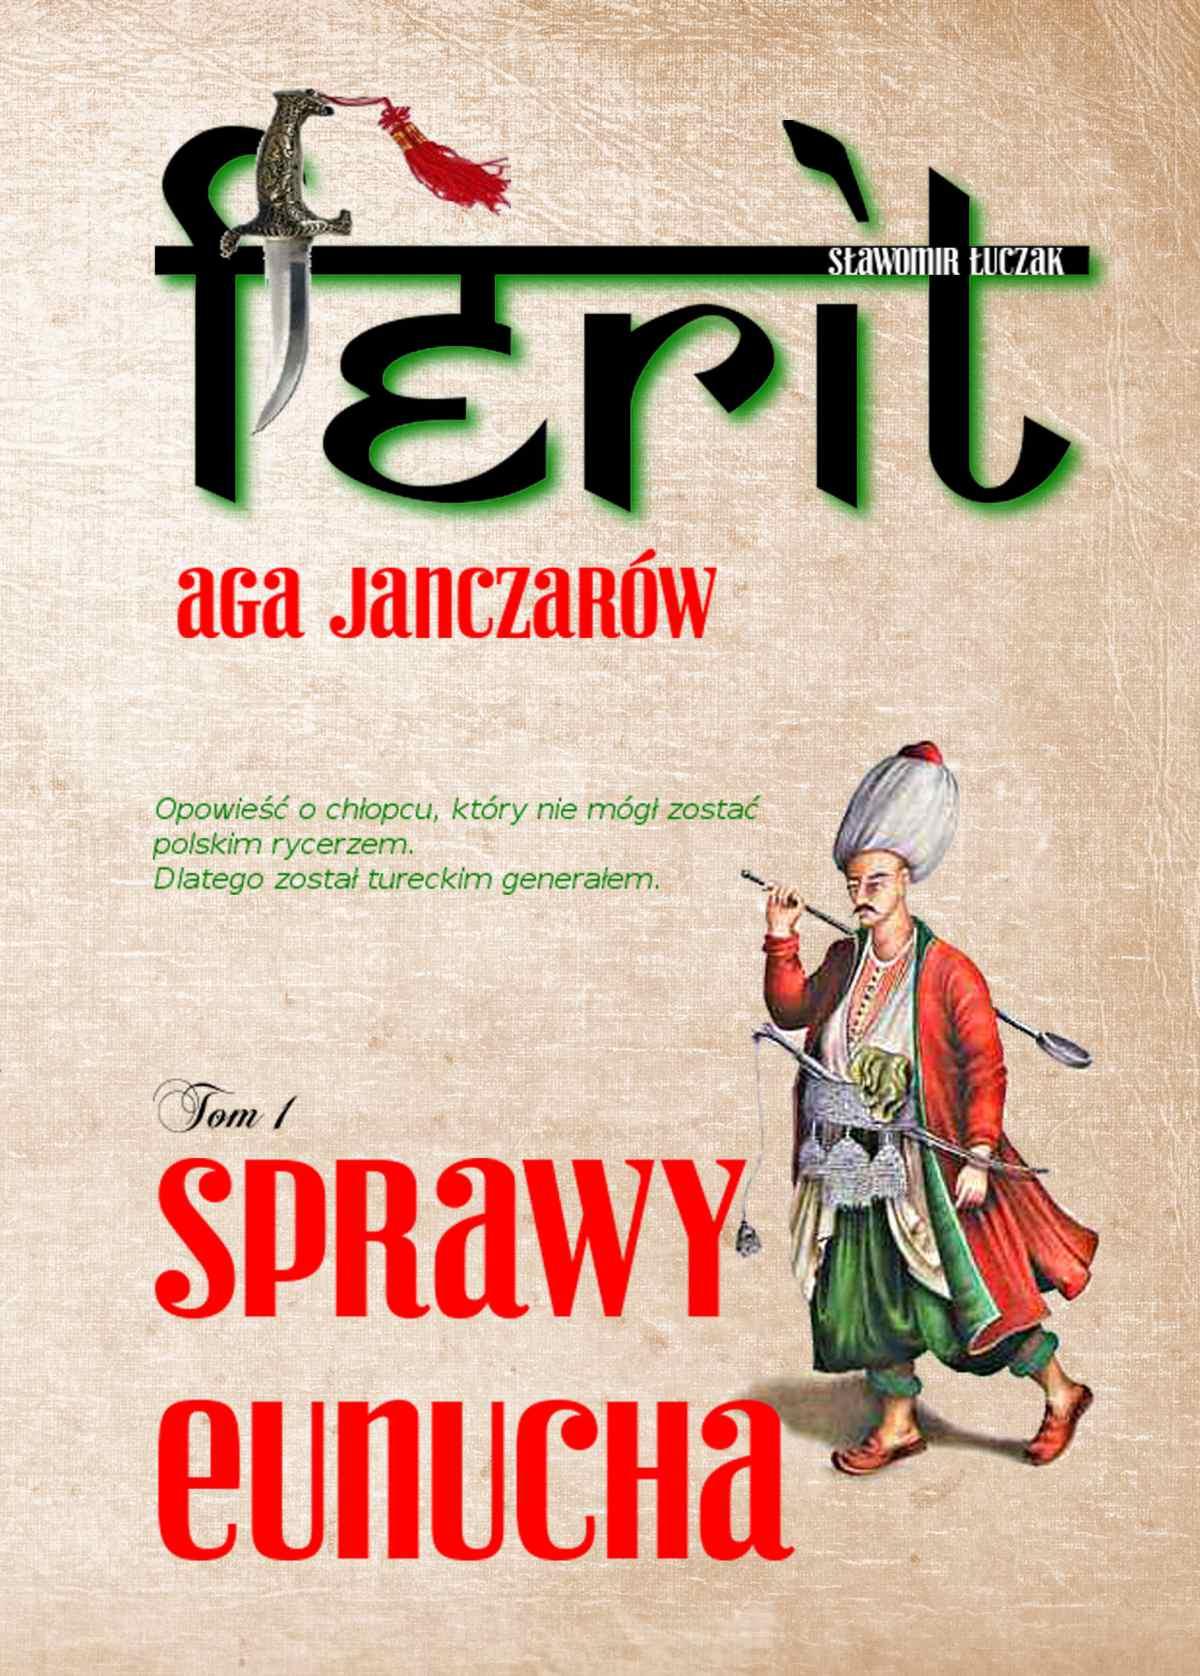 Ferit. Aga janczarów. Tom I. Sprawy eunucha - Ebook (Książka EPUB) do pobrania w formacie EPUB